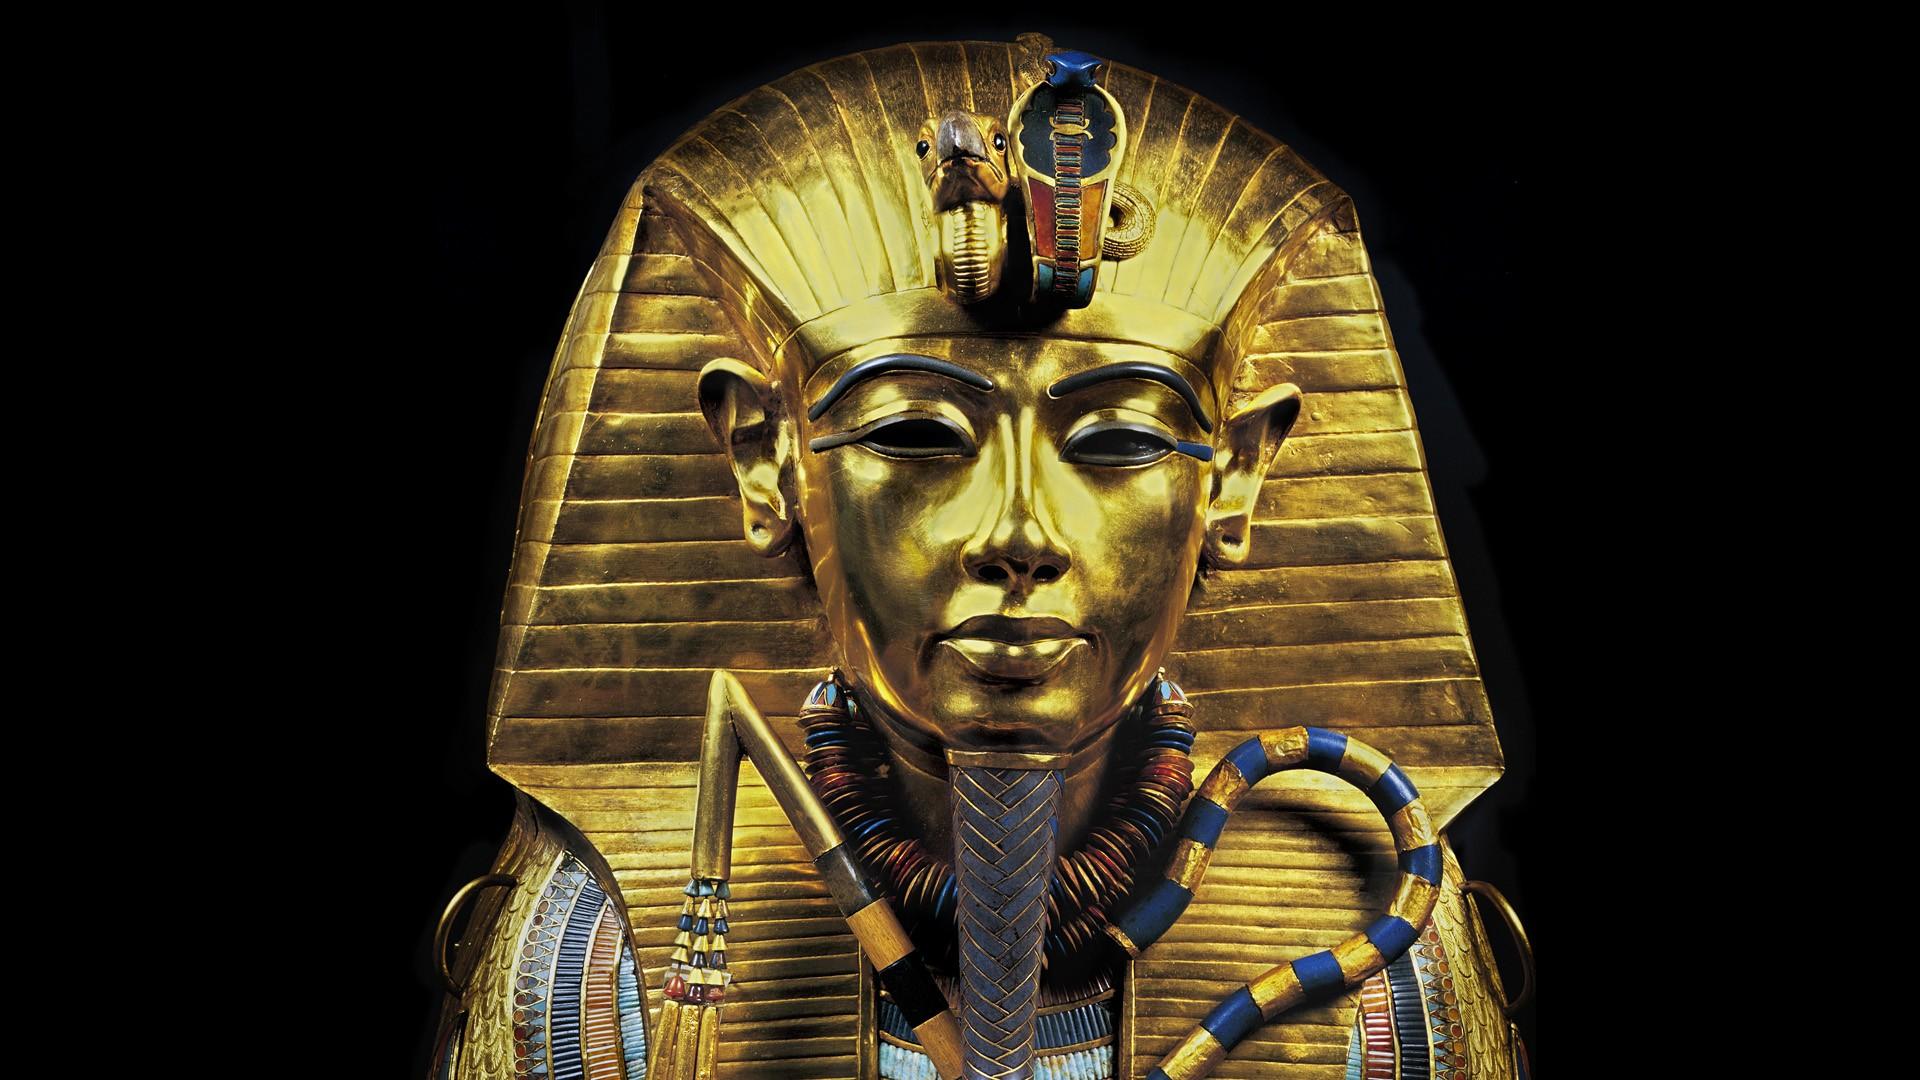 Antika hälsoprinciper för 2000-talet: Lärdomar från Faraonerna